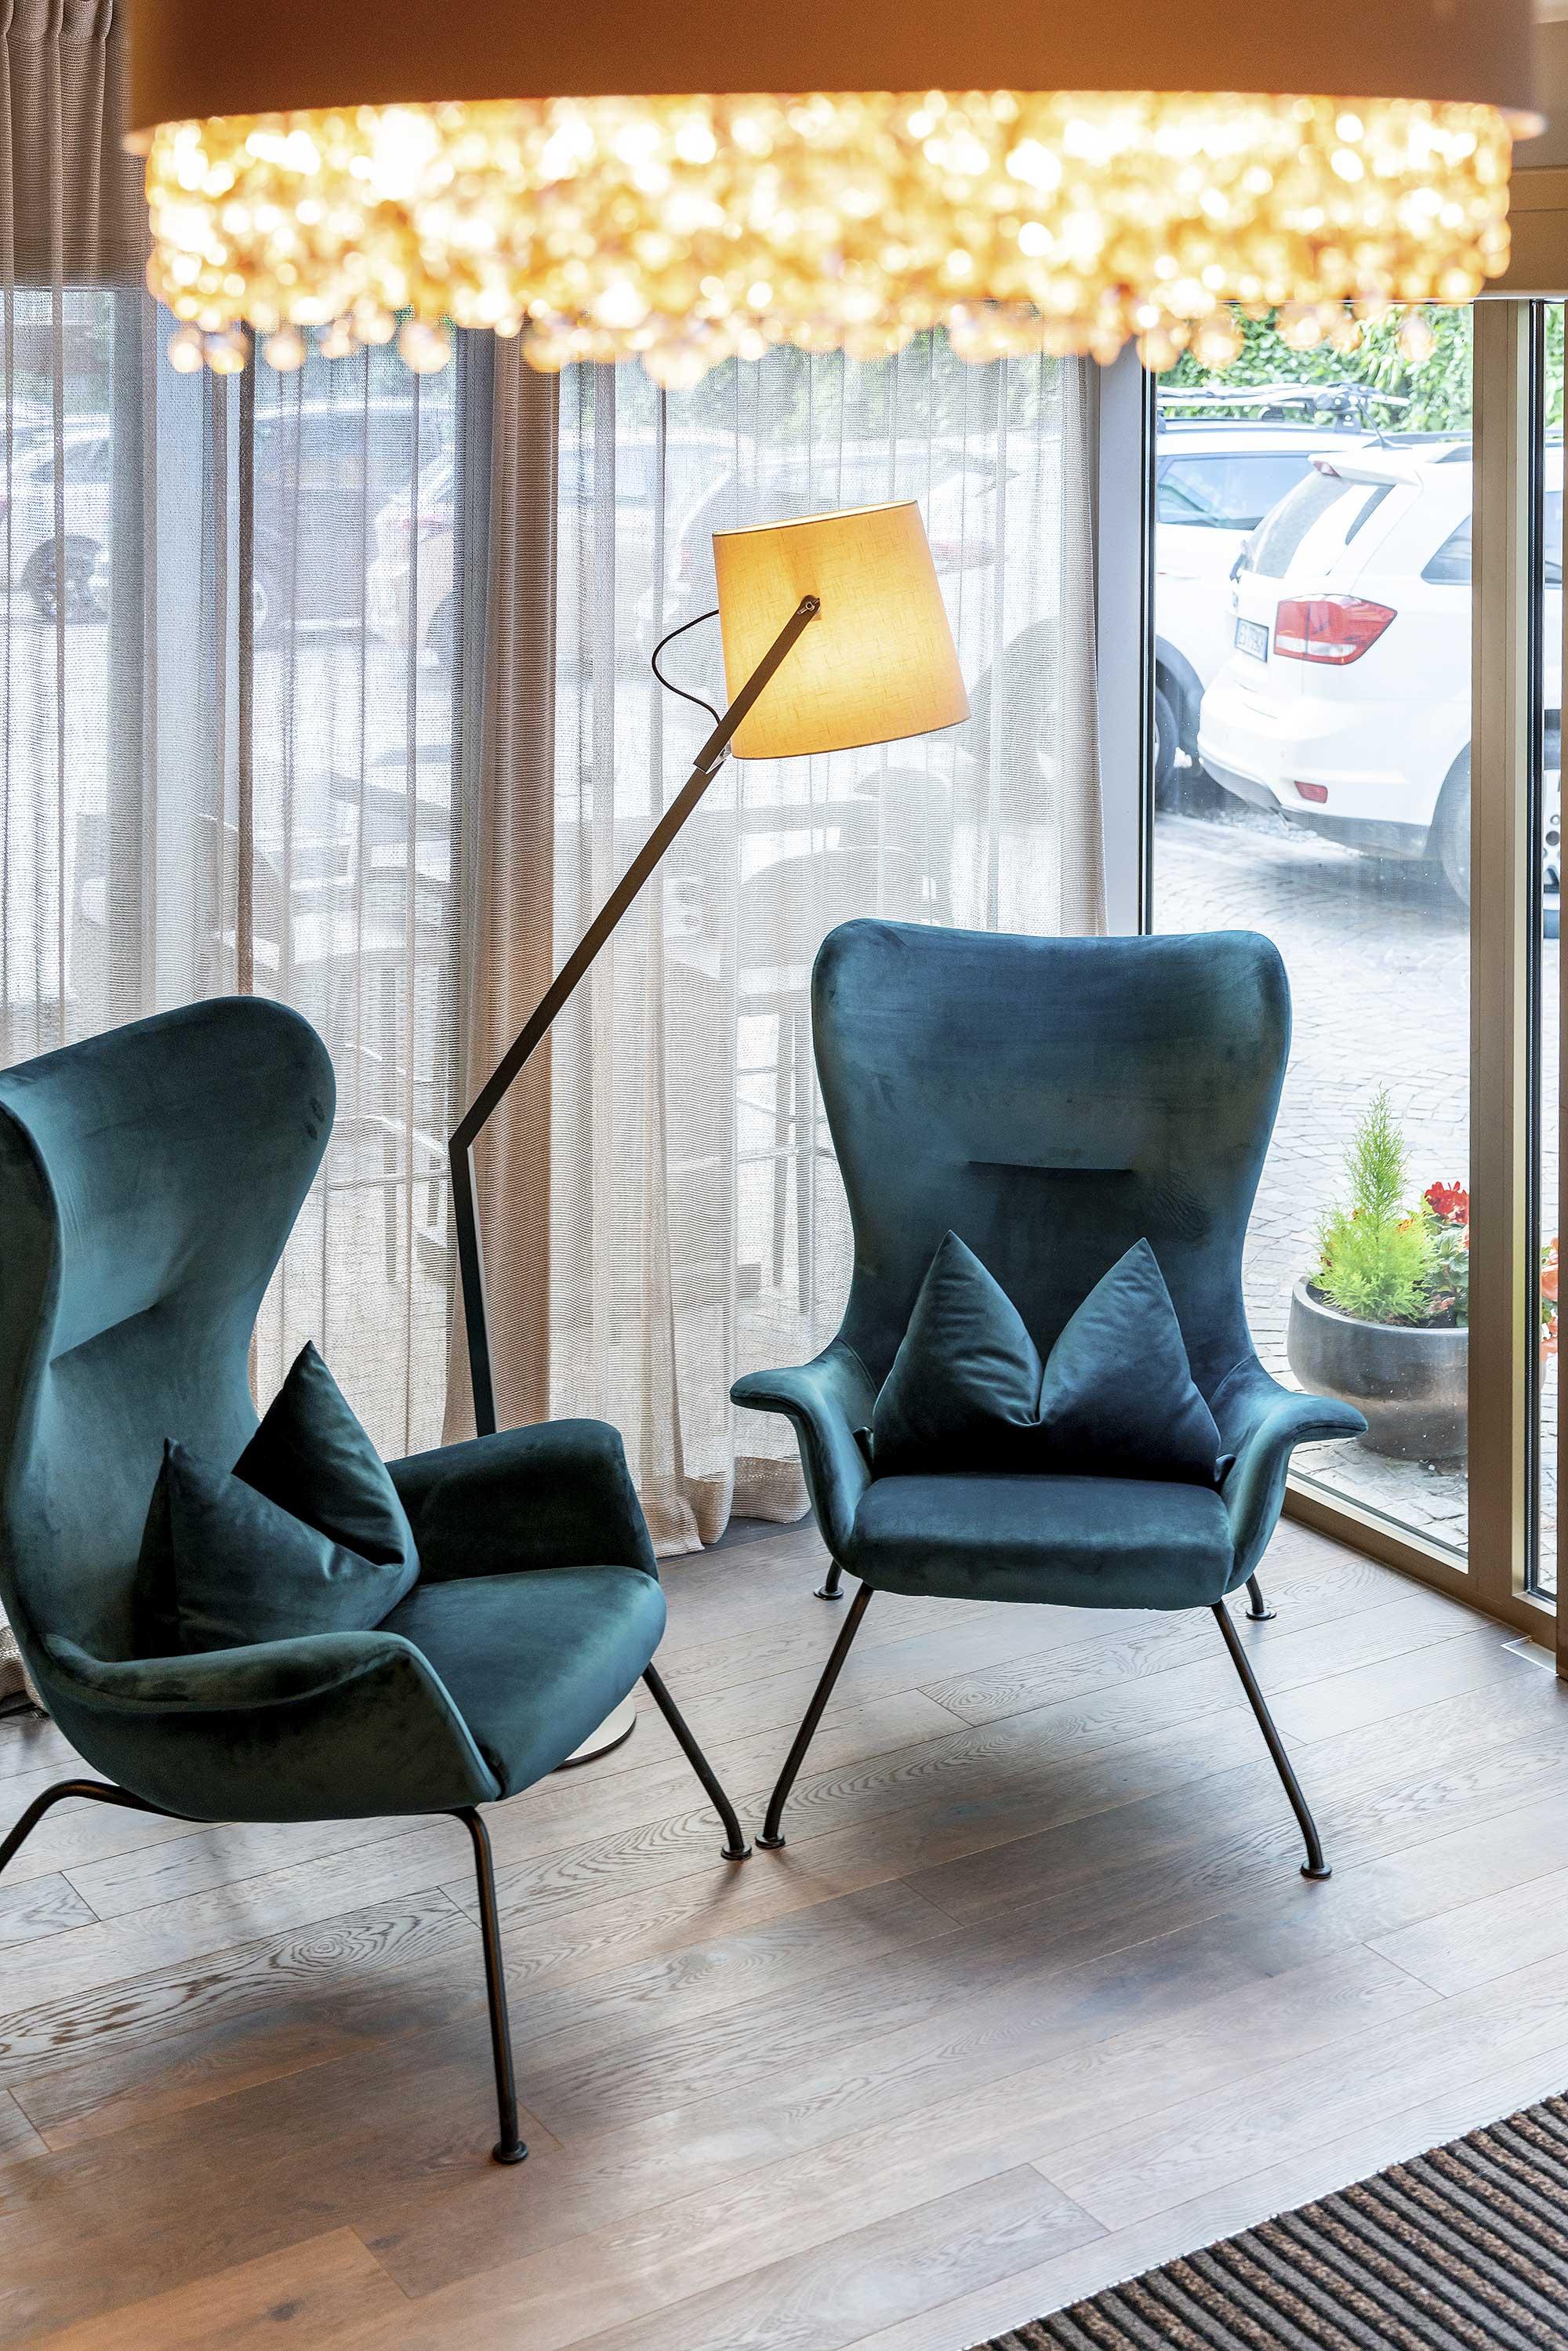 Hotel Waldhof - Rablpartschins-05323